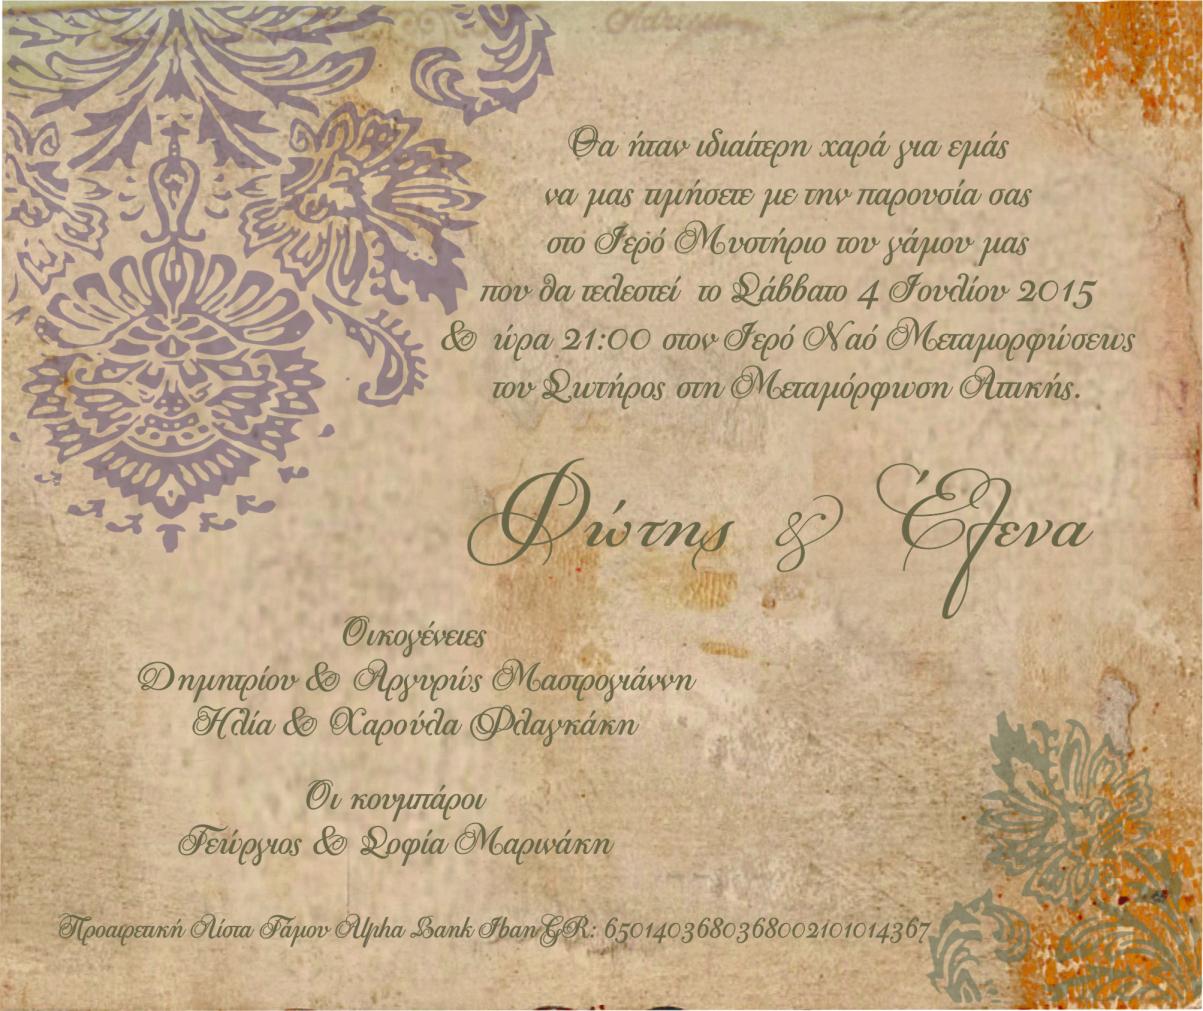 Προσκλητήριο γάμου ρομαντικό και κλασσικό με δαντέλα σε όποιο χρώμα θέλετε 99